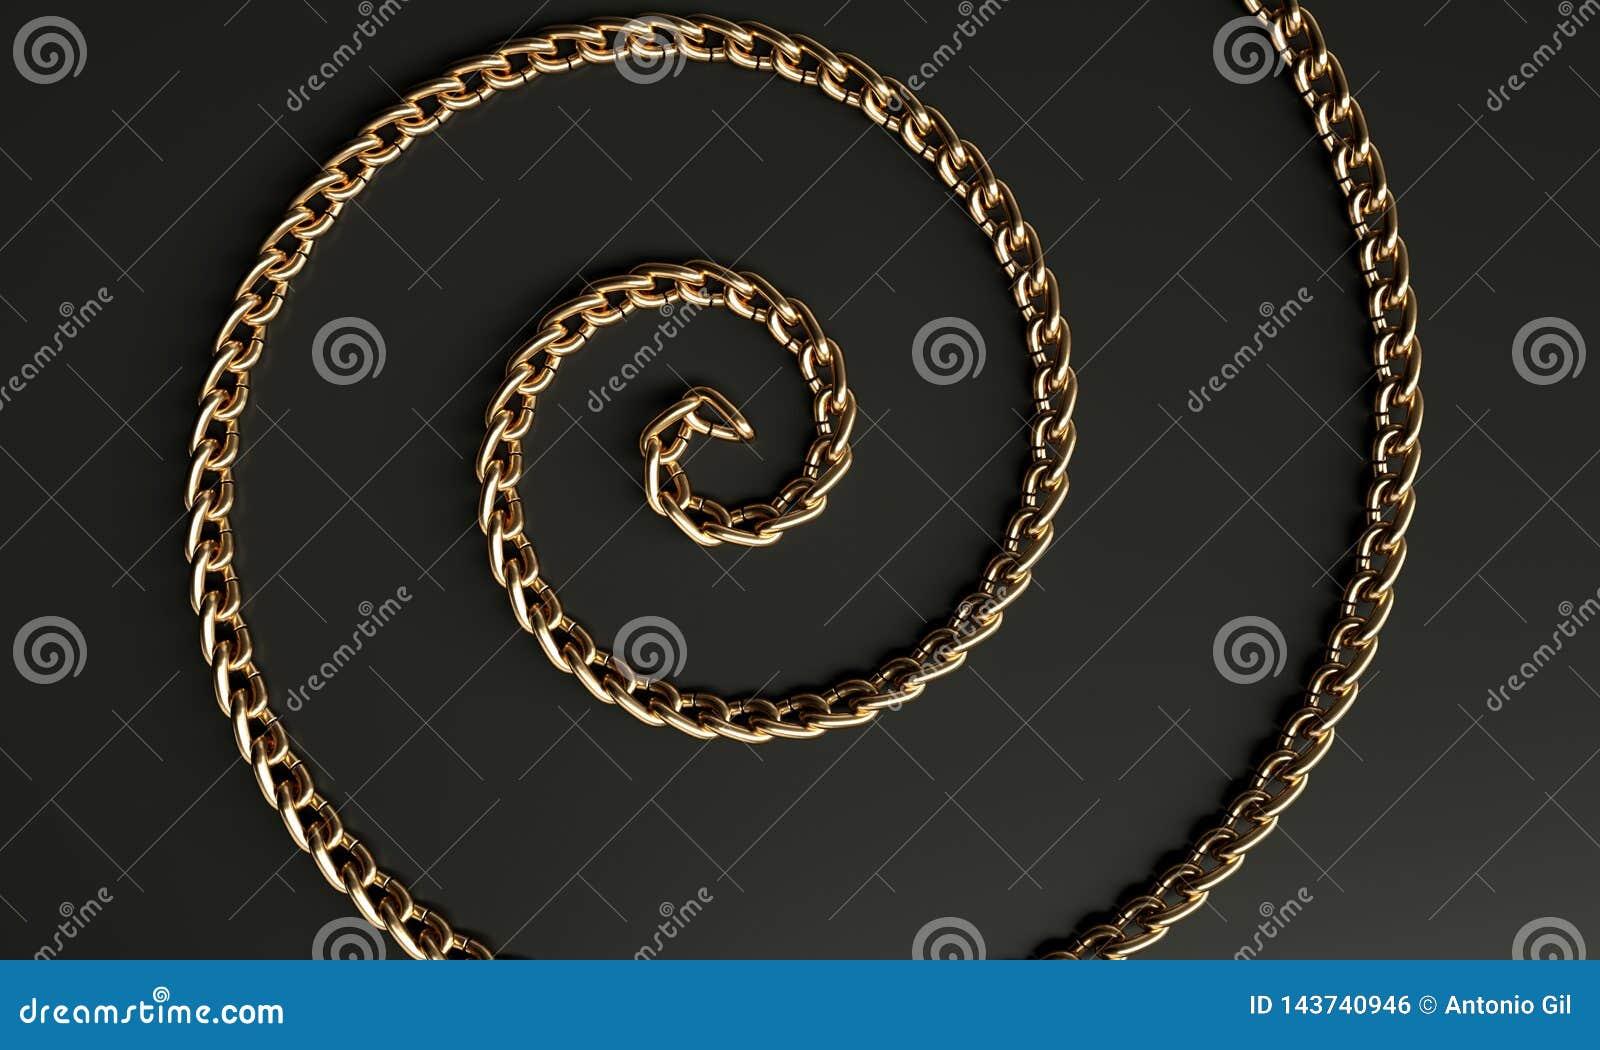 Golden metallic spiral